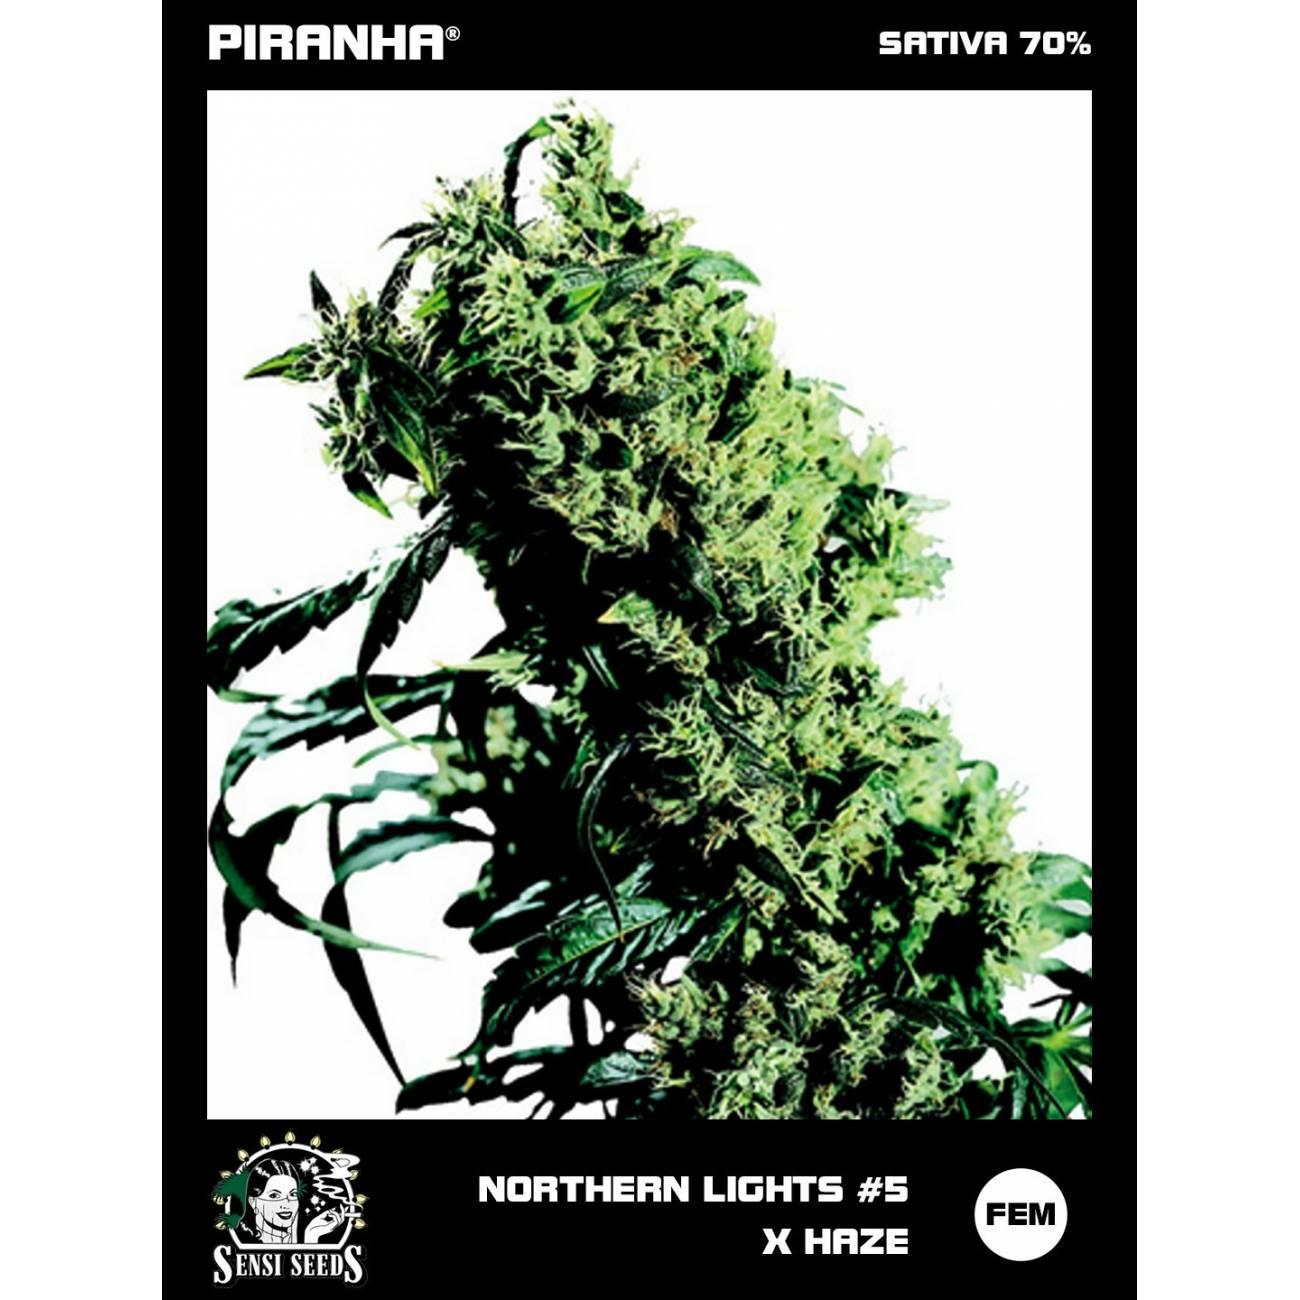 Northern Lights No5 x Haze (3u)